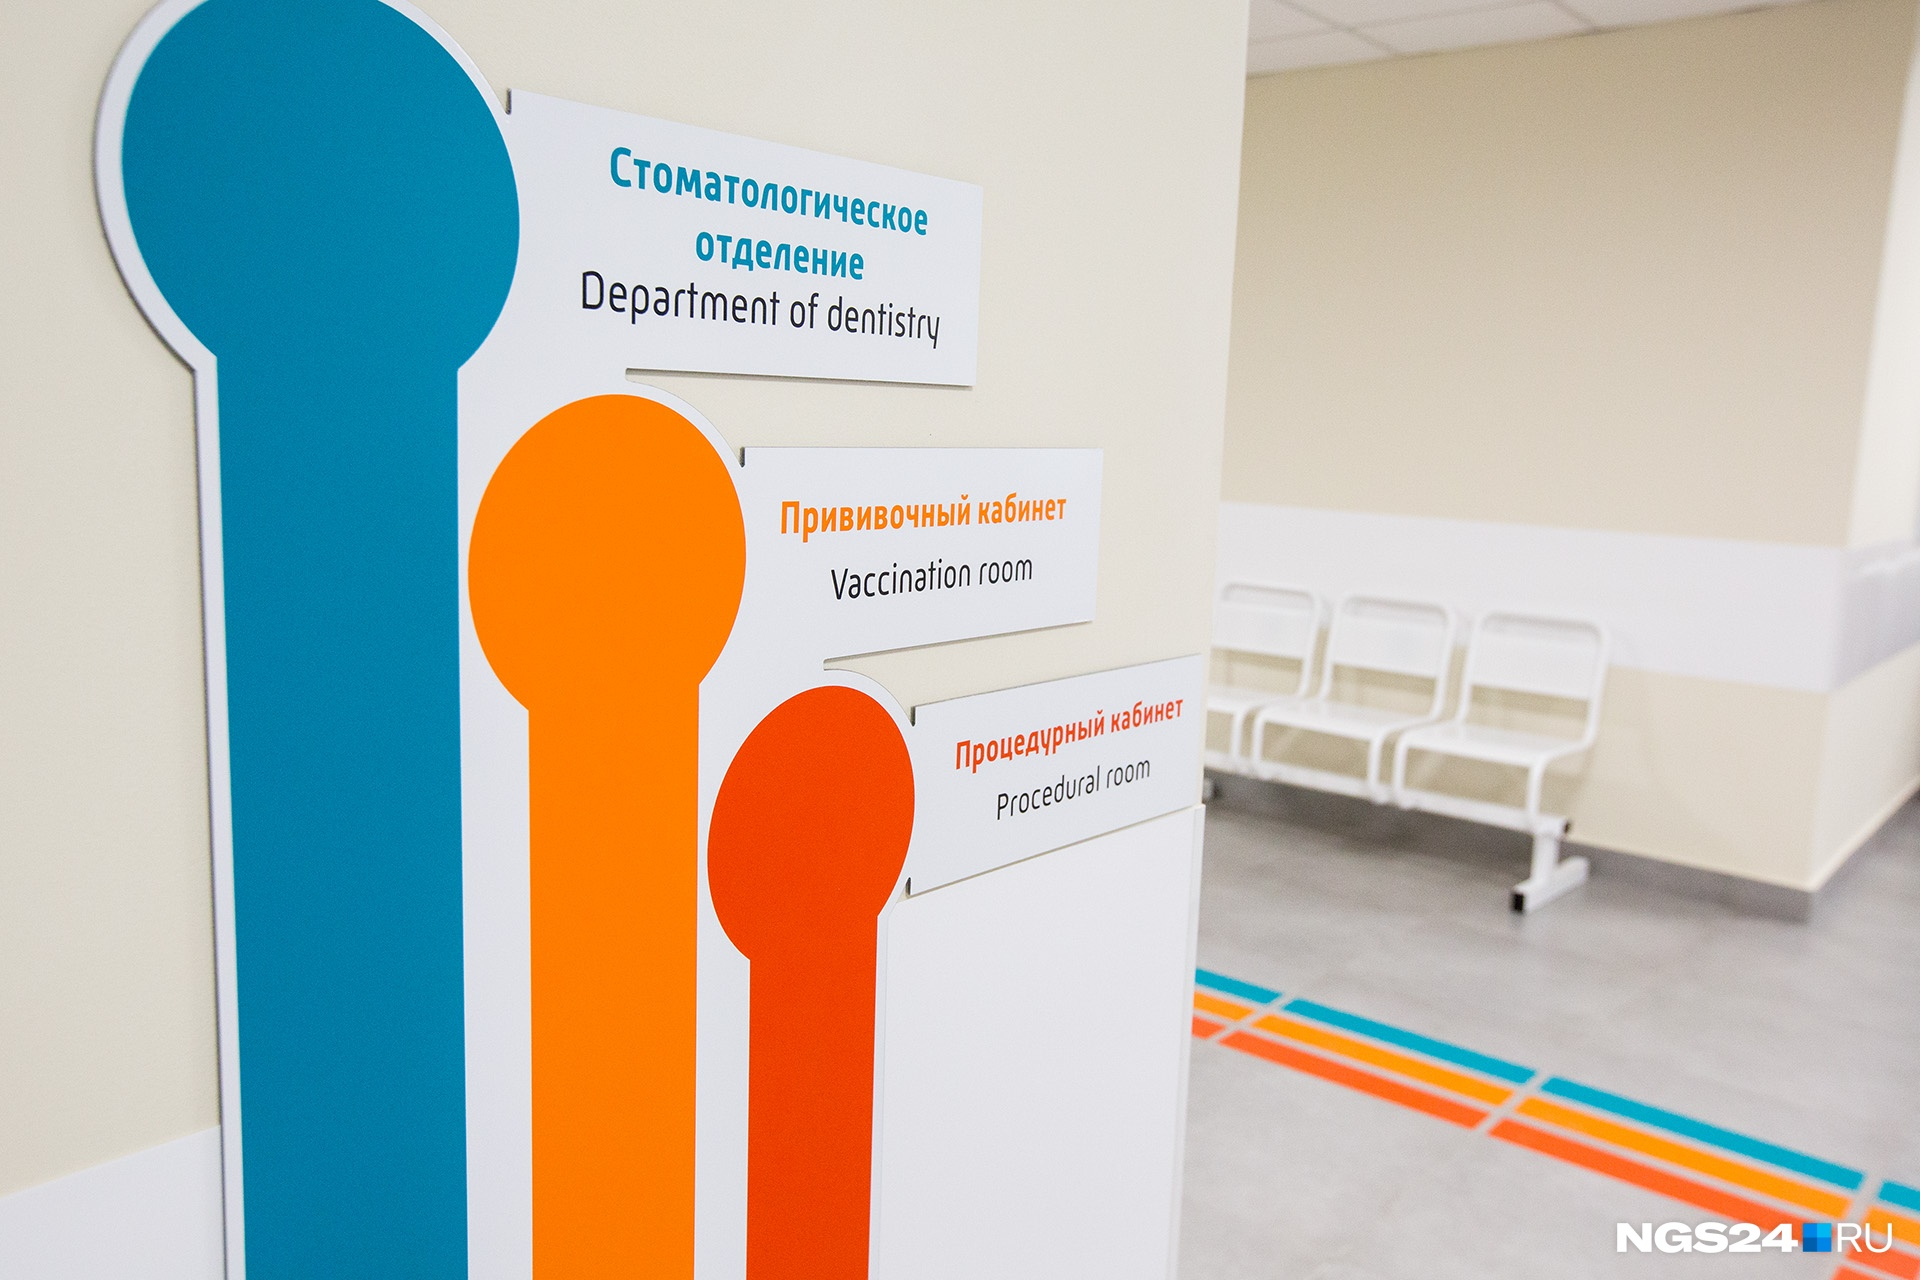 На каждом этаже есть цветные навигационные линии — это опыт, перенятый у иностранных клиник